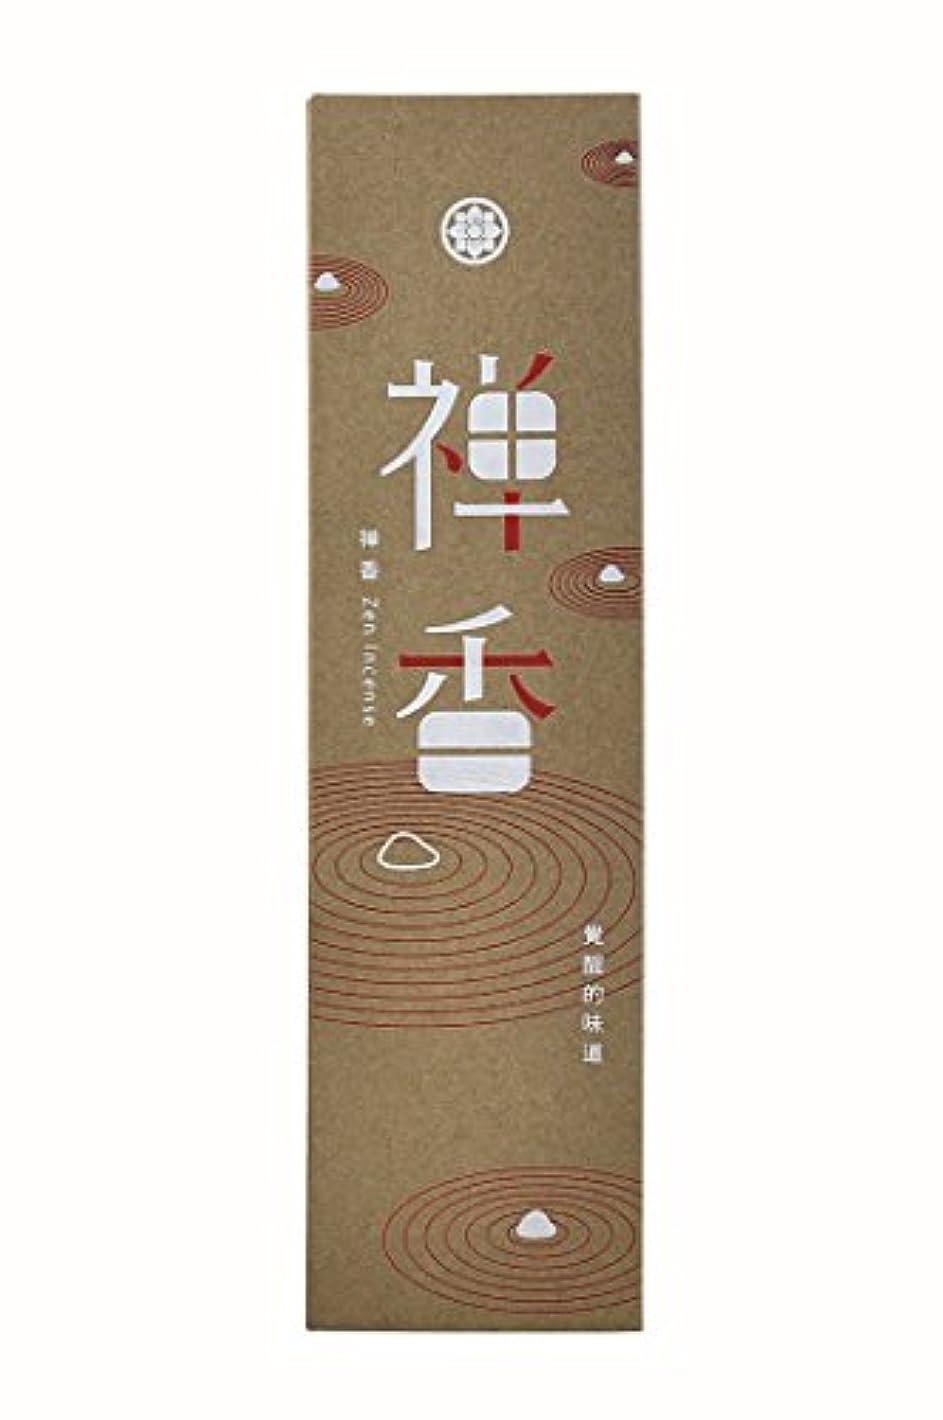 お風呂を持っている勇敢な貧しいsanbodhi Incense、Zen Incense Sticks 100 Sticks for瞑想、ヨガ、Relaxation and Worship